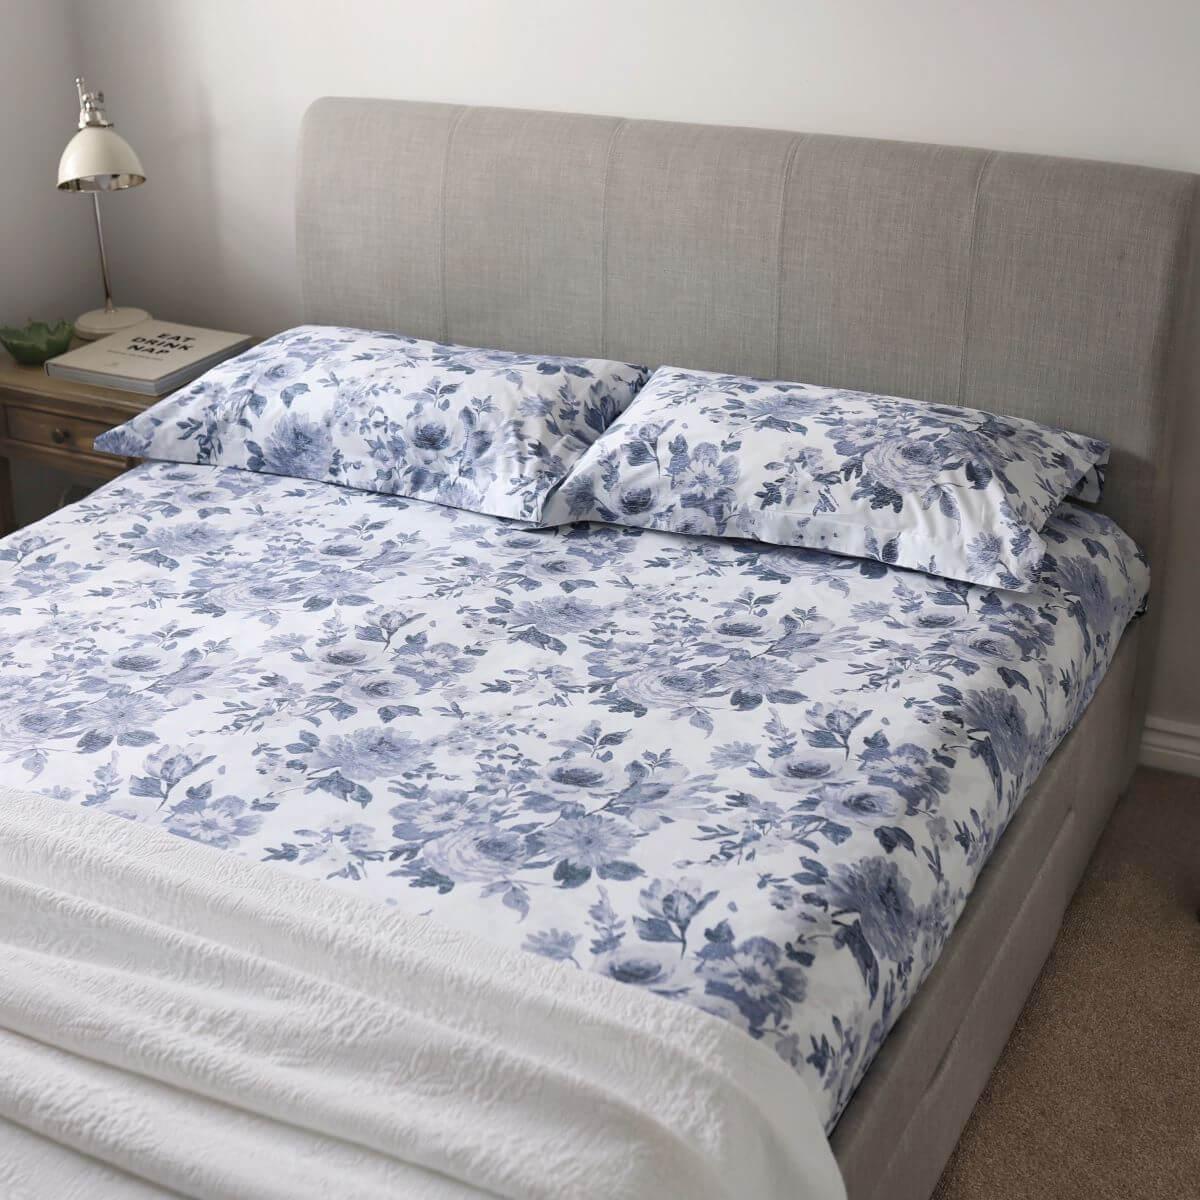 White/Blue 200TC Floral Cotton Double Duvet Cover